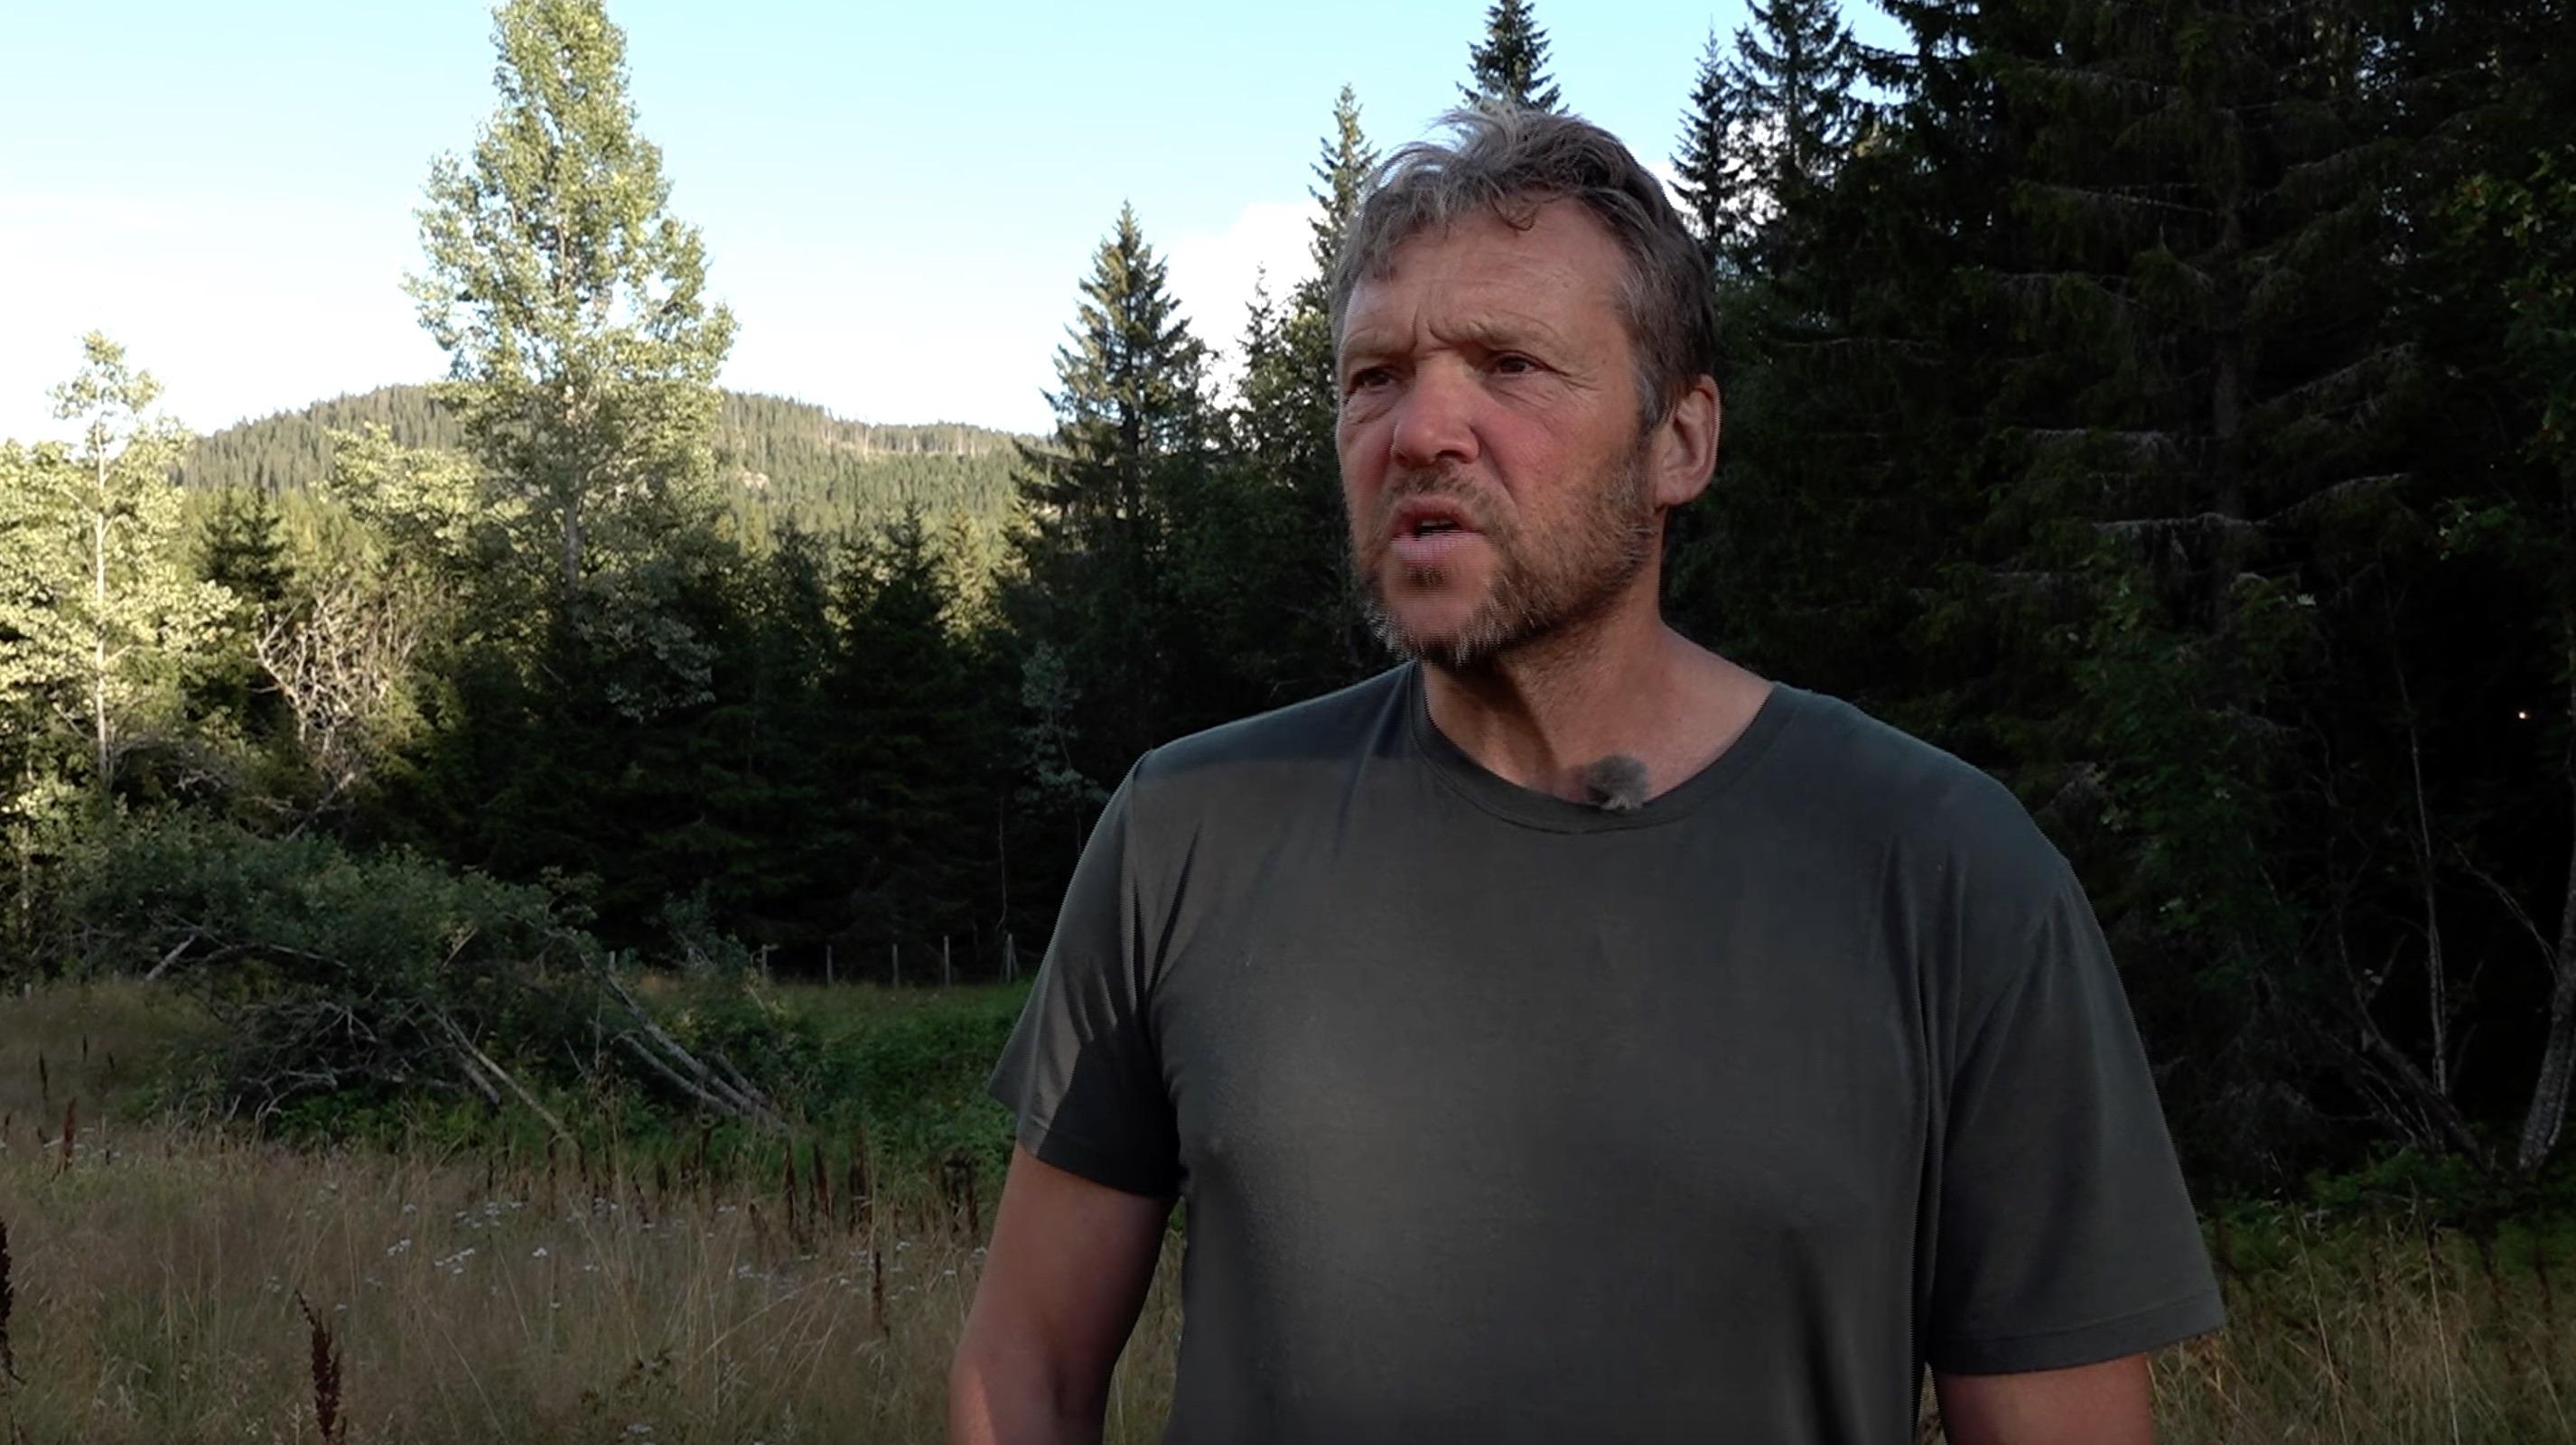 Det er én person Kjell ikke ønsker kontakt med etter Farmen